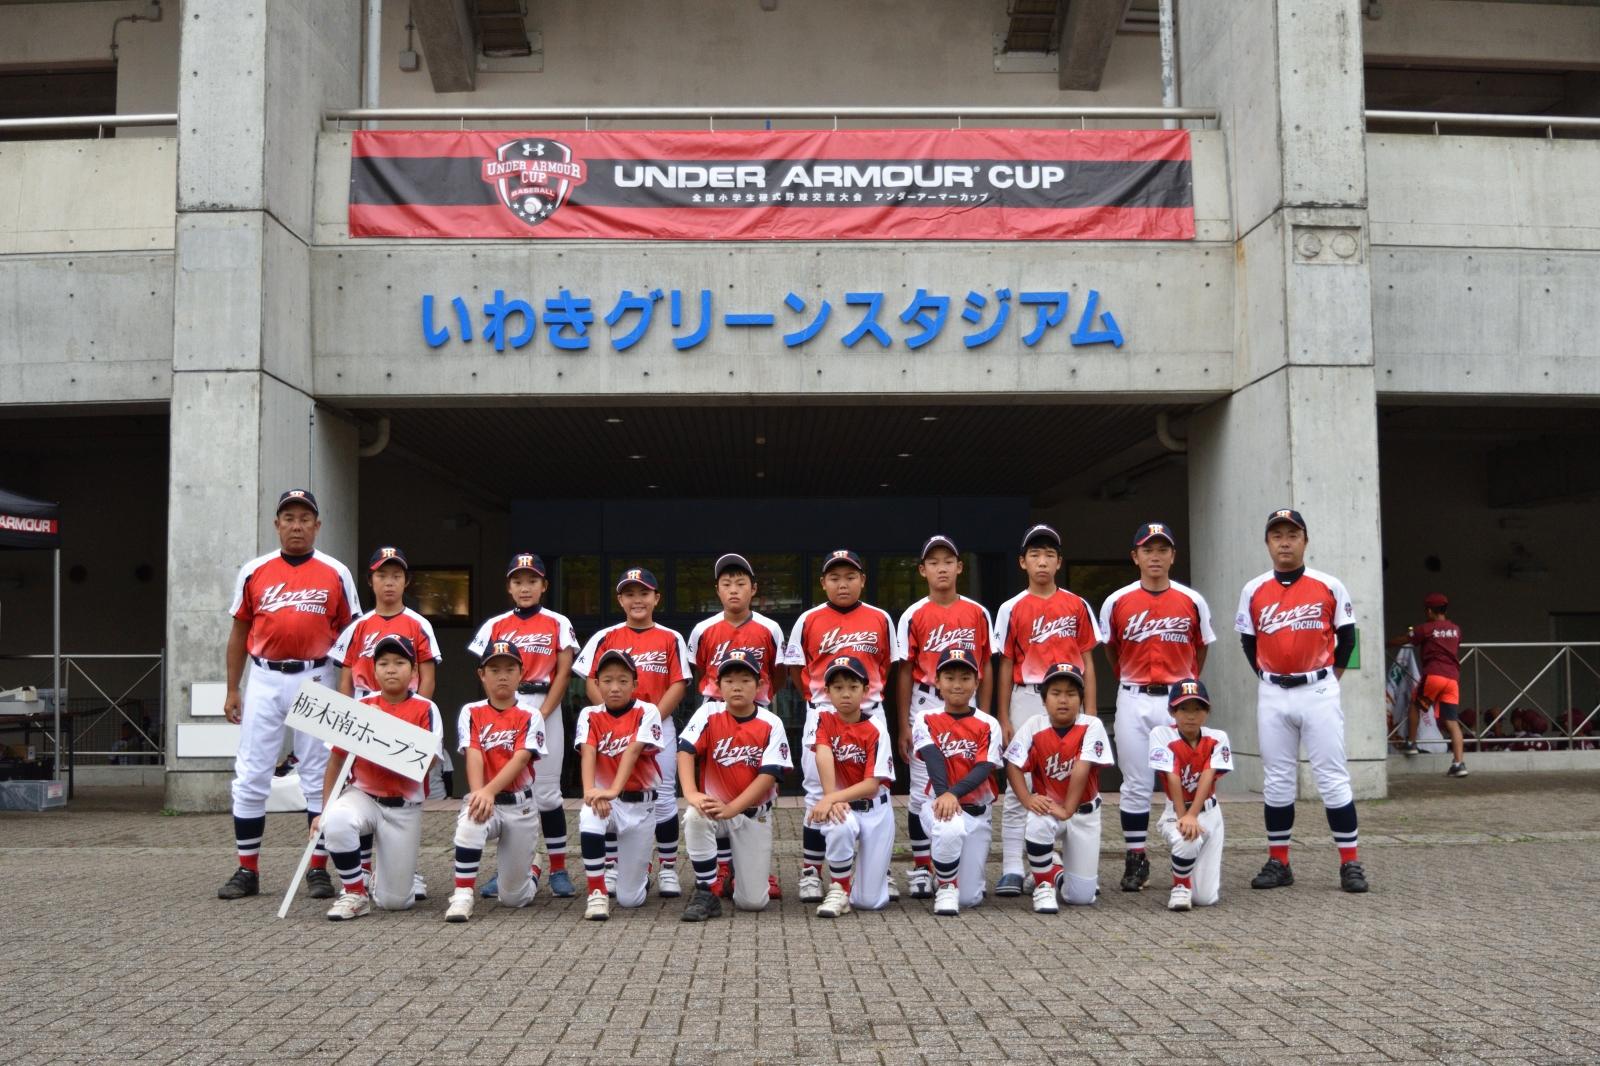 ポニー 栃木 栃木南ポニーリーグのブログ: 2020年2月